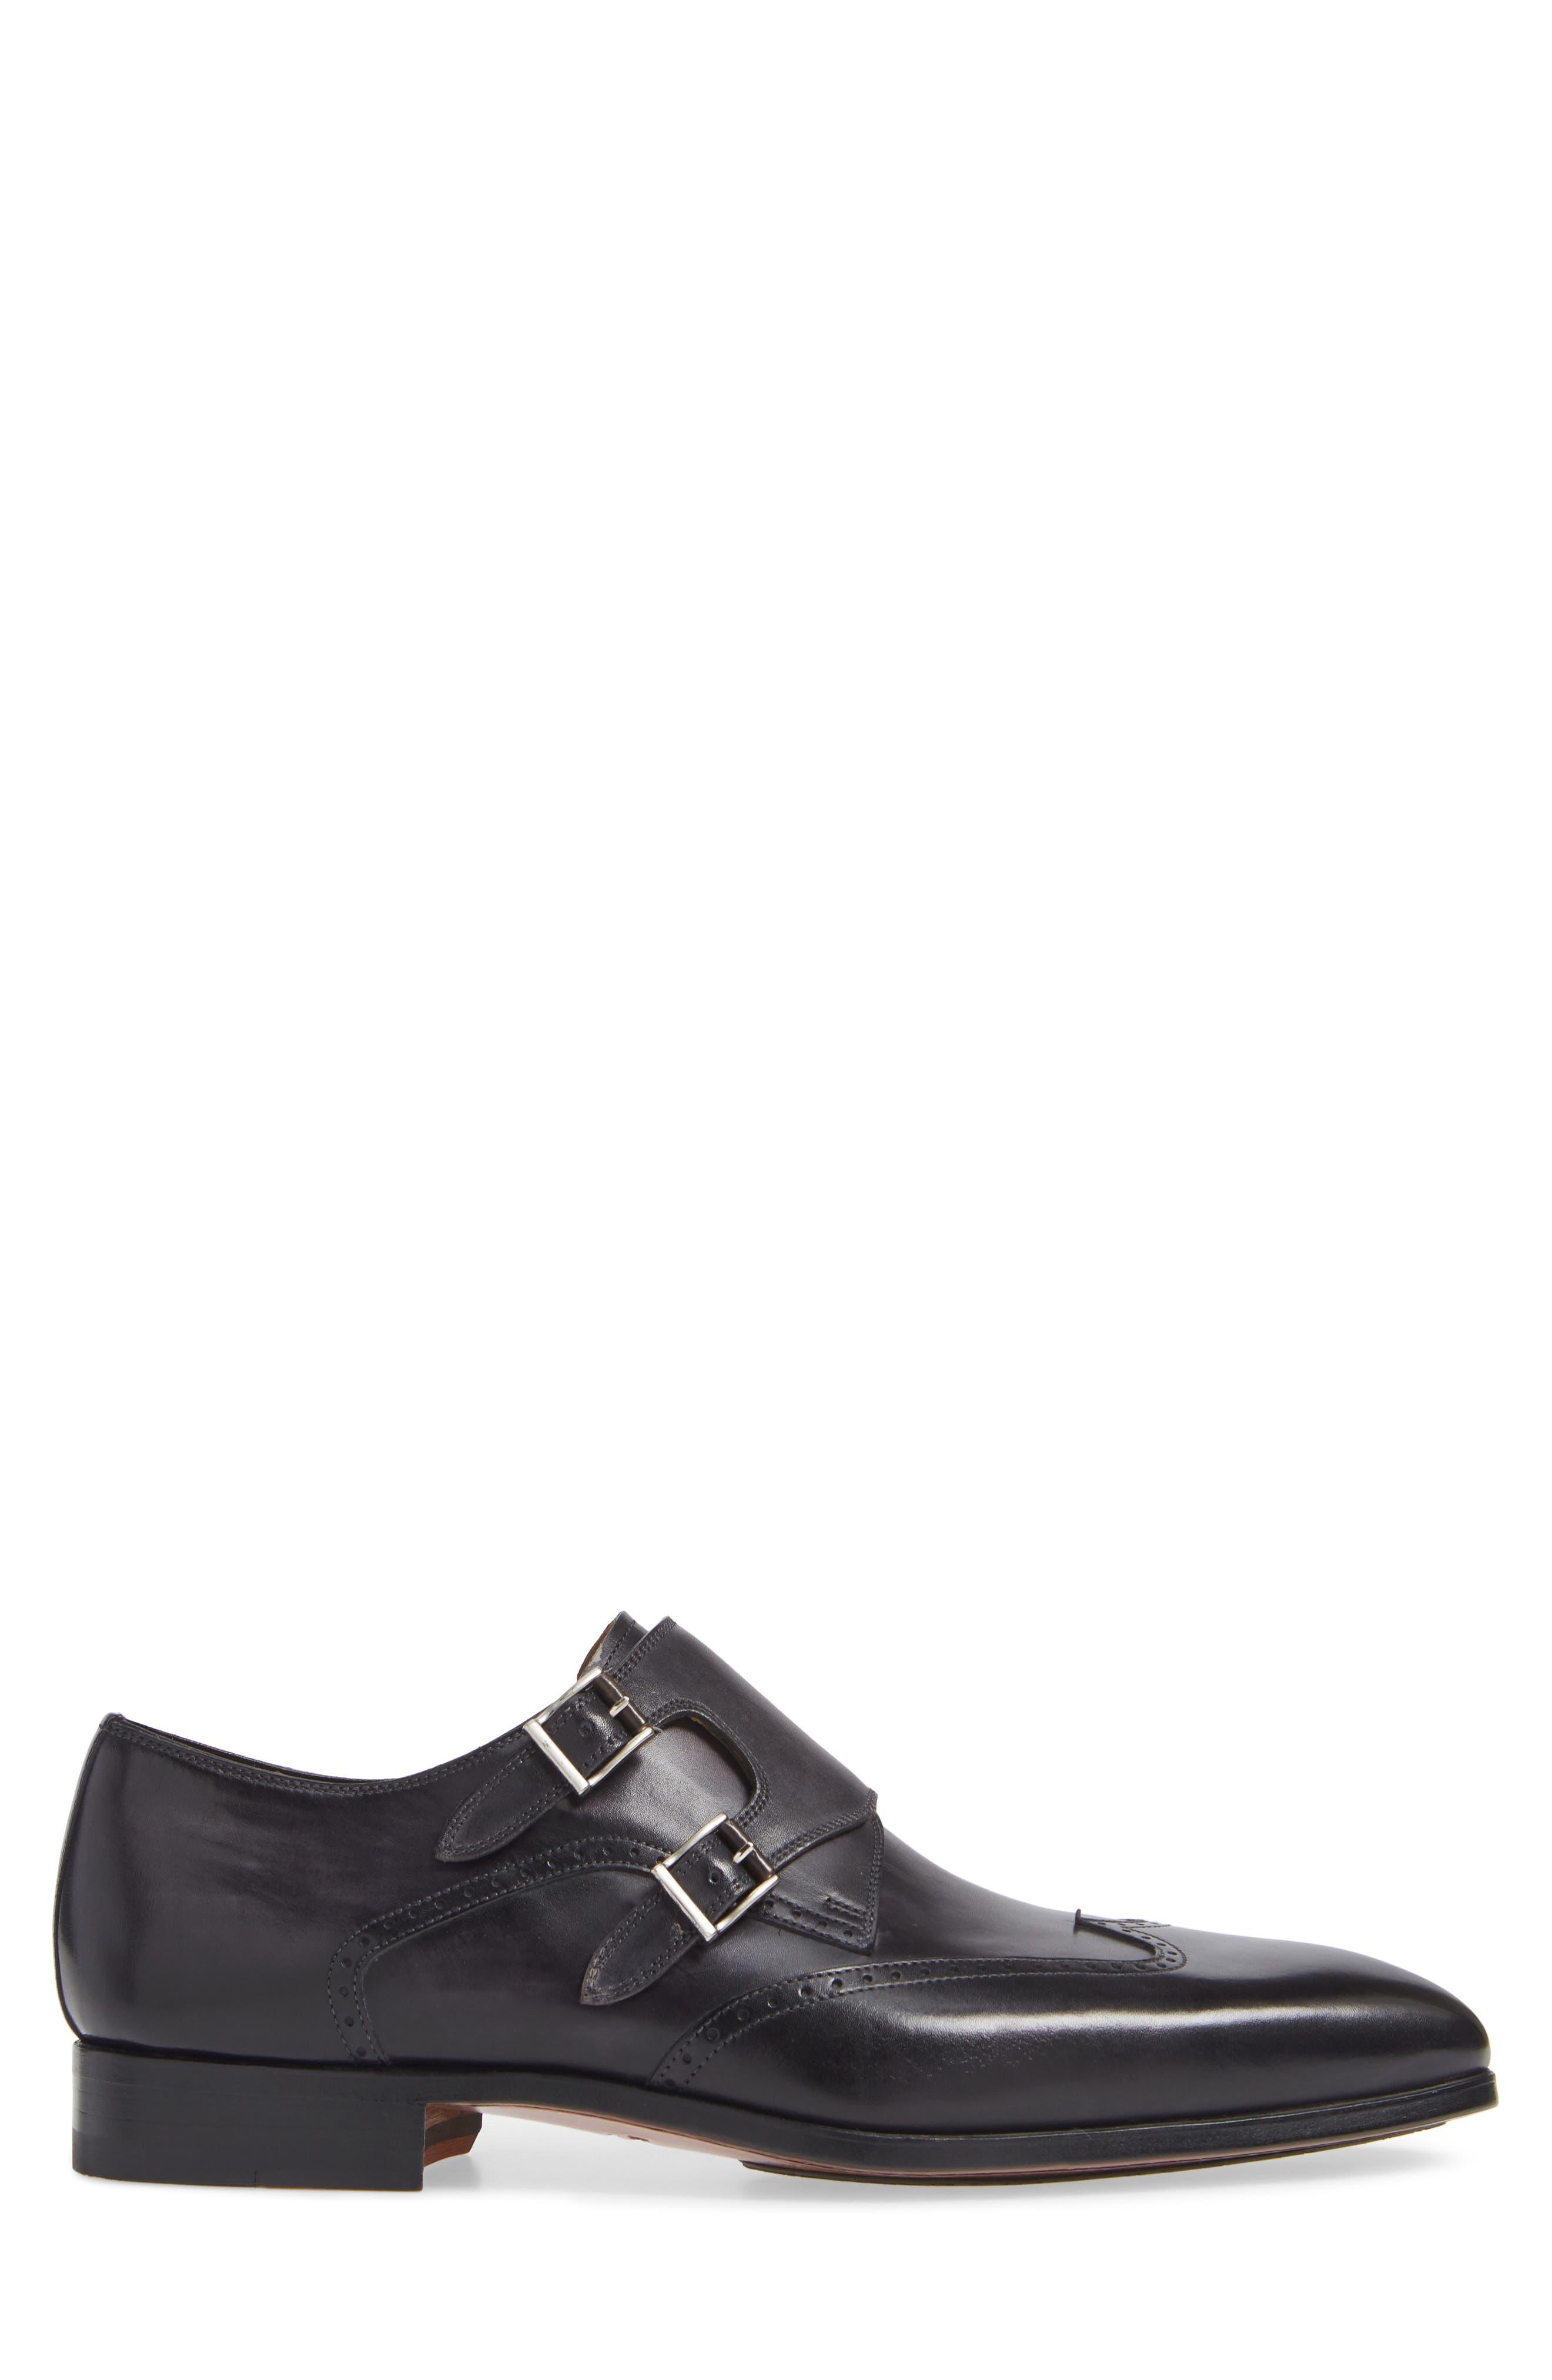 Dixon Wingtip Double Strap Monk Shoe,                             Alternate thumbnail 3, color,                             GREY